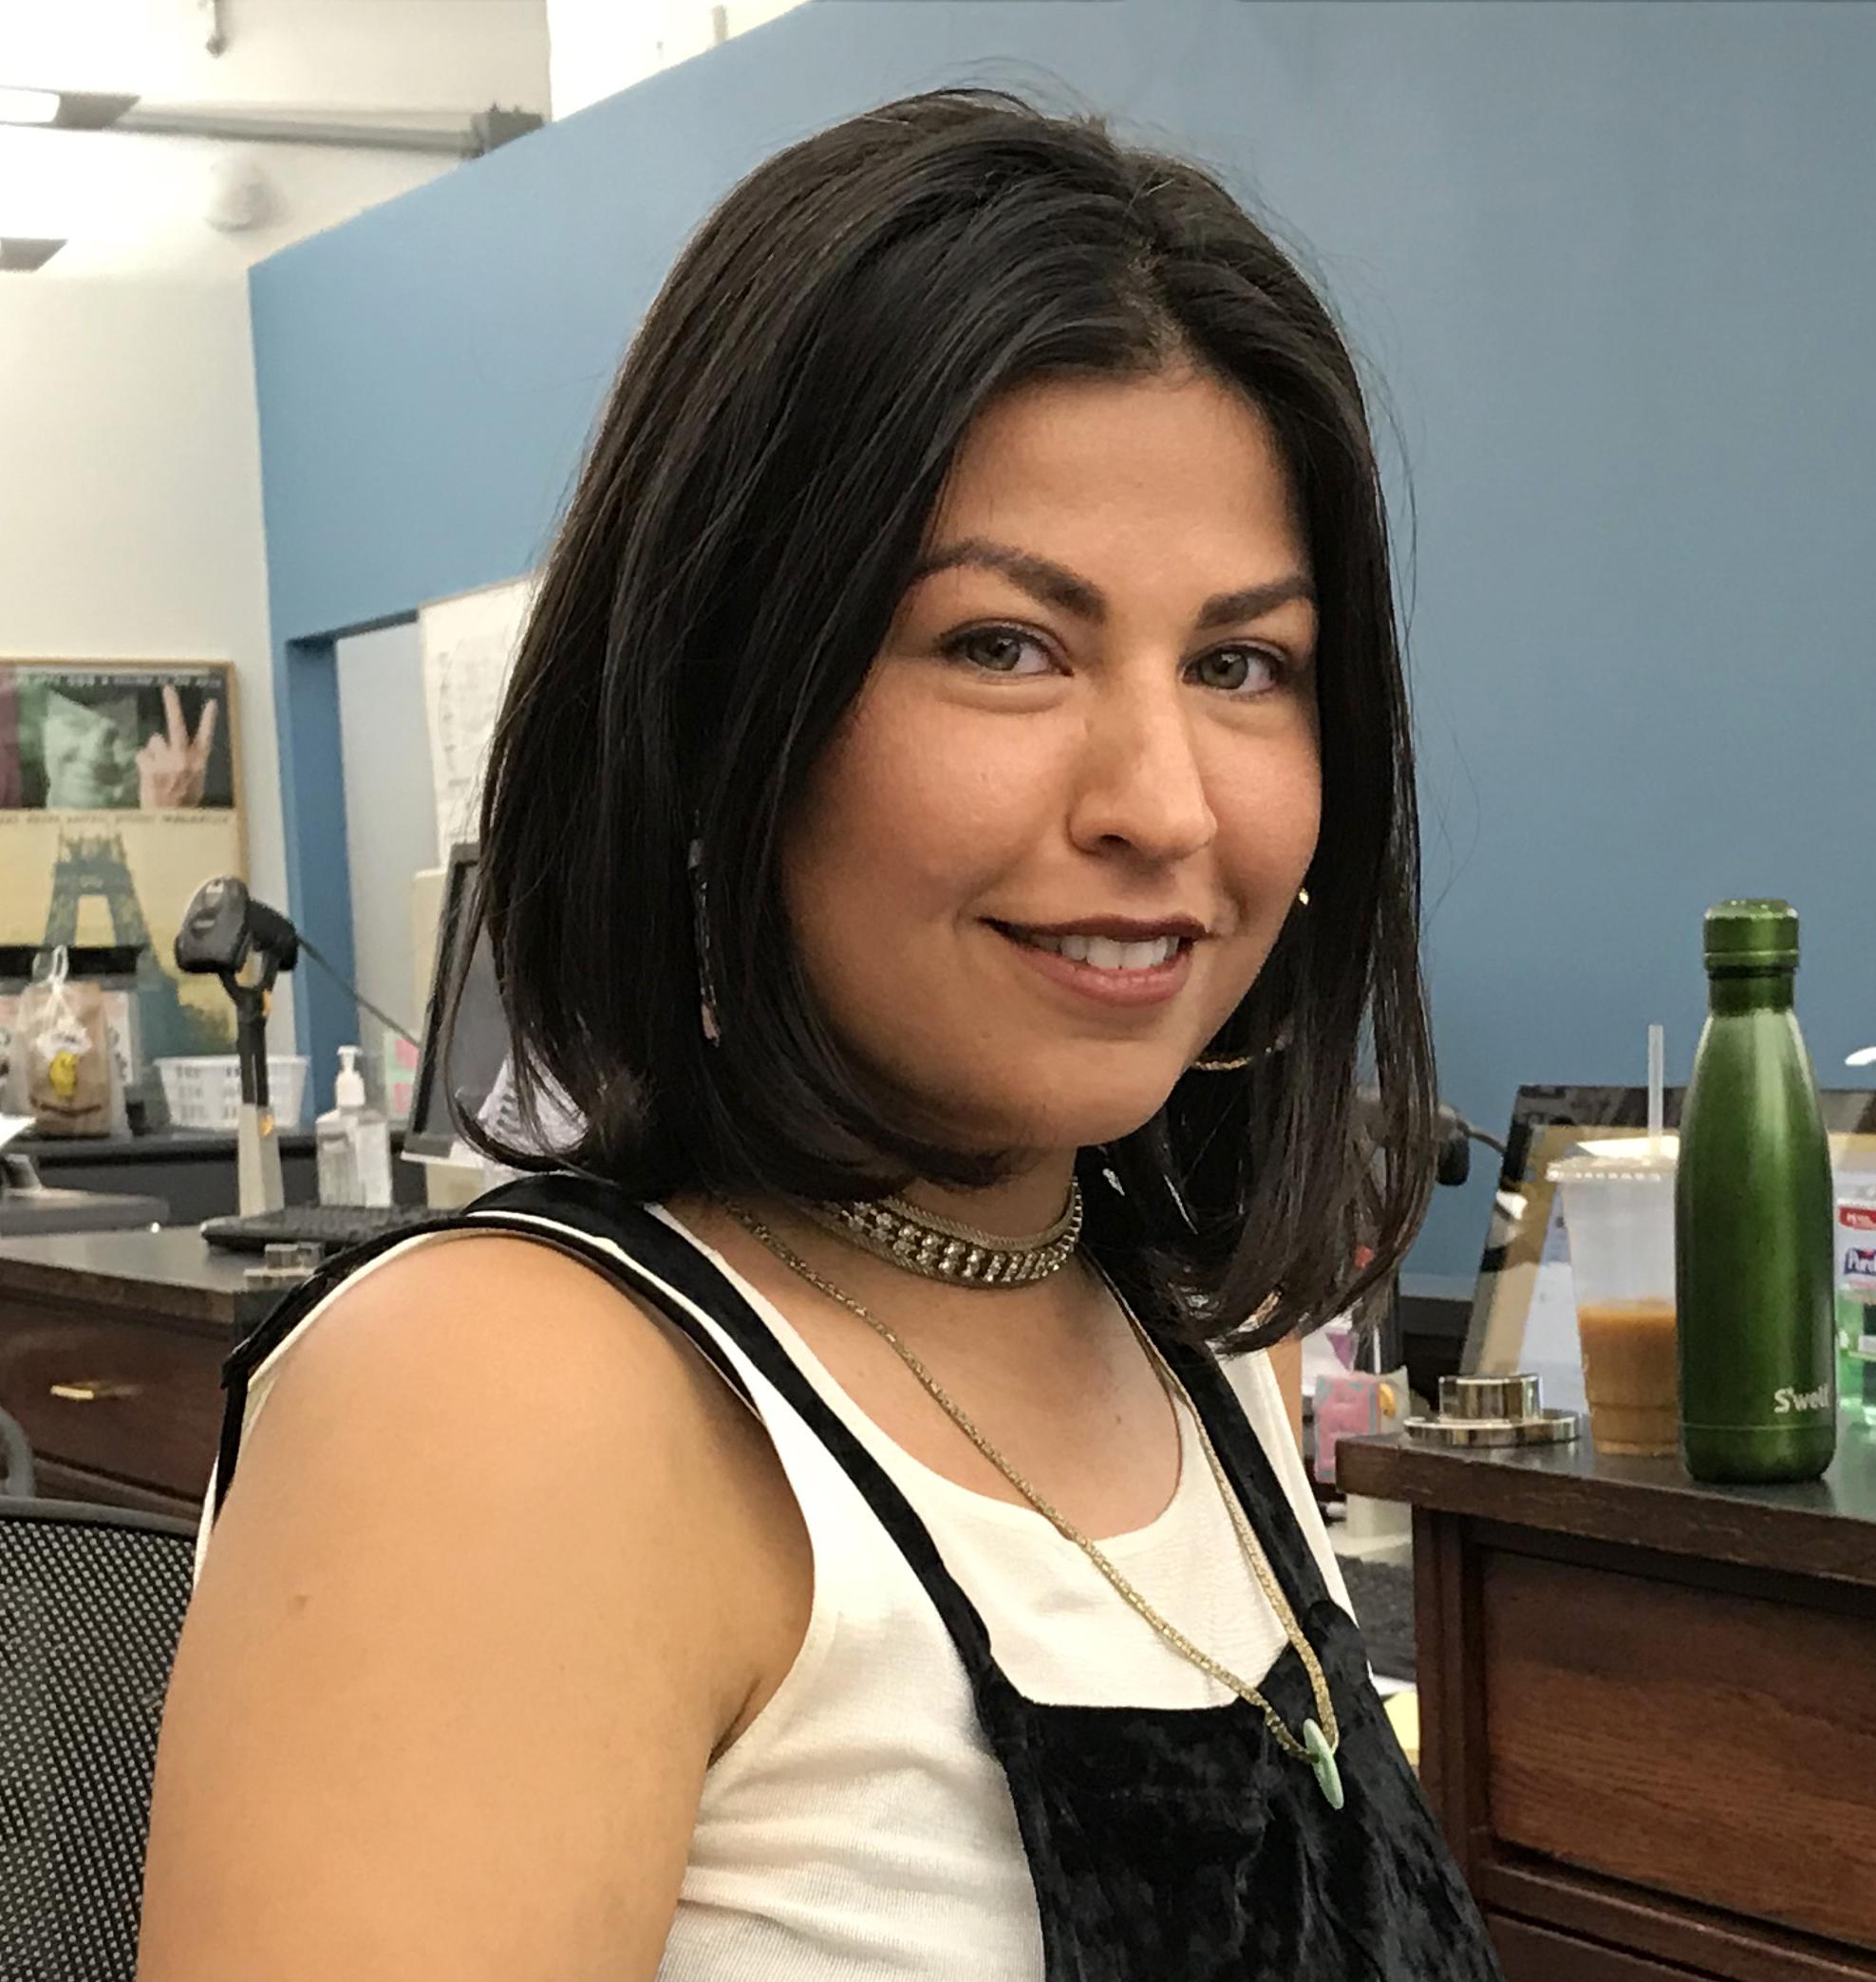 A photo of Barbara Calderón